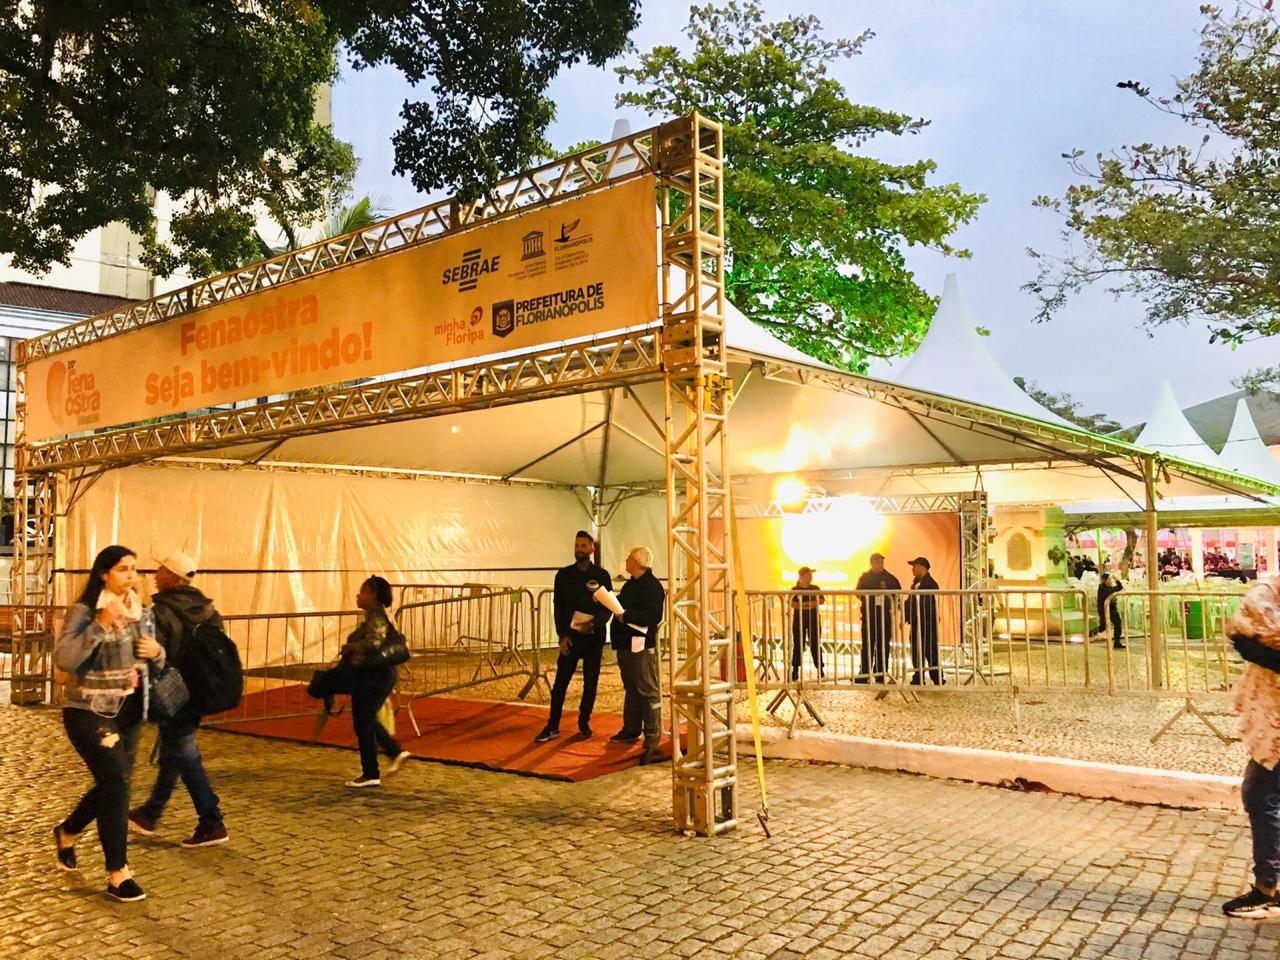 Mutirão da Cidadania oferece serviços gratuitos em Florianópolis - Notícias - Plantão Diário